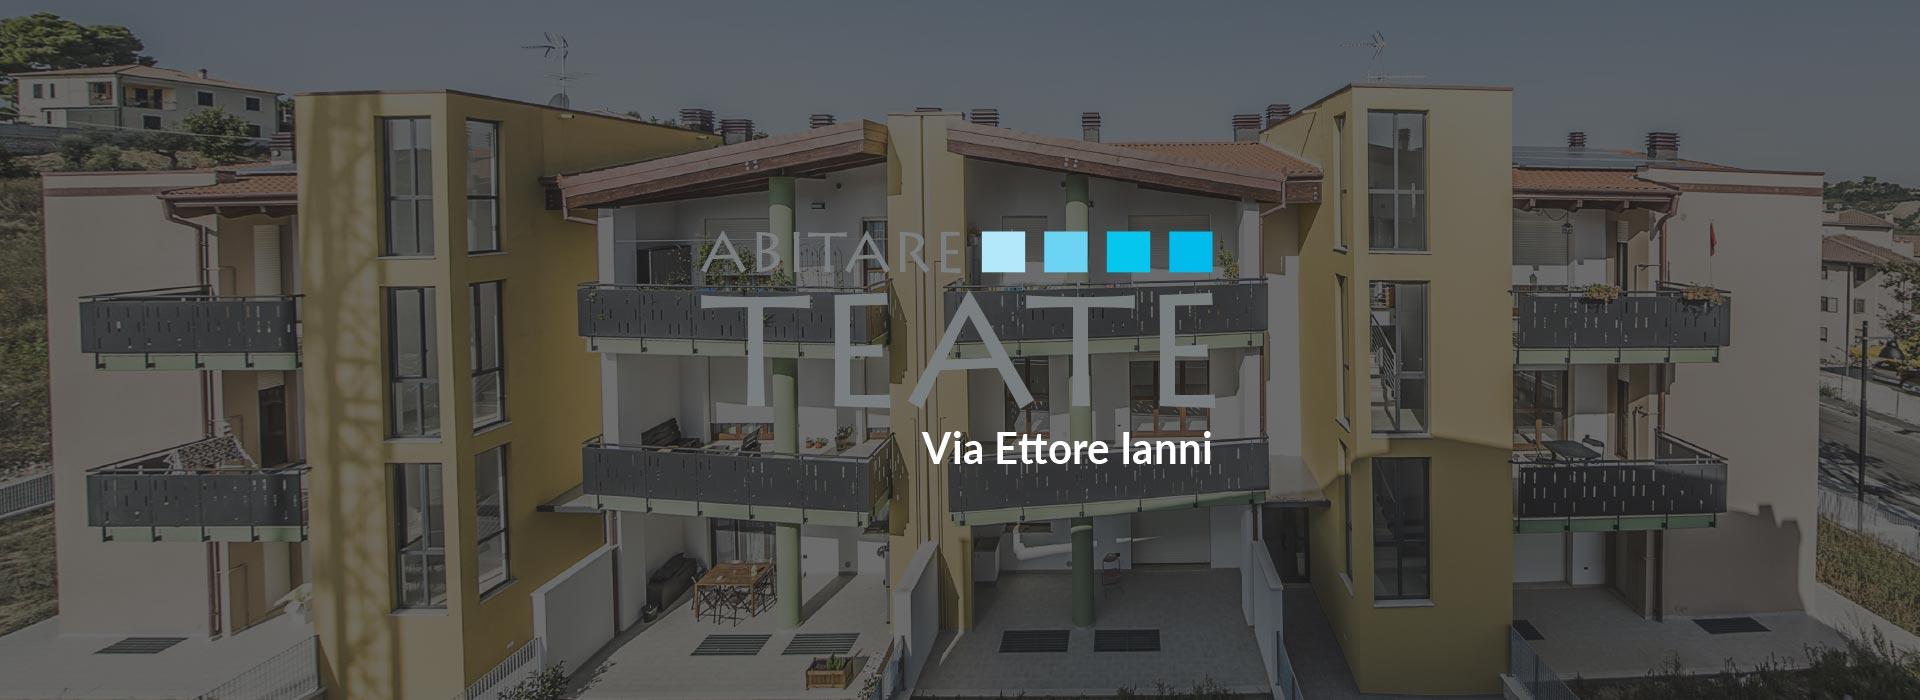 abitare-abruzzo-chieti-banner